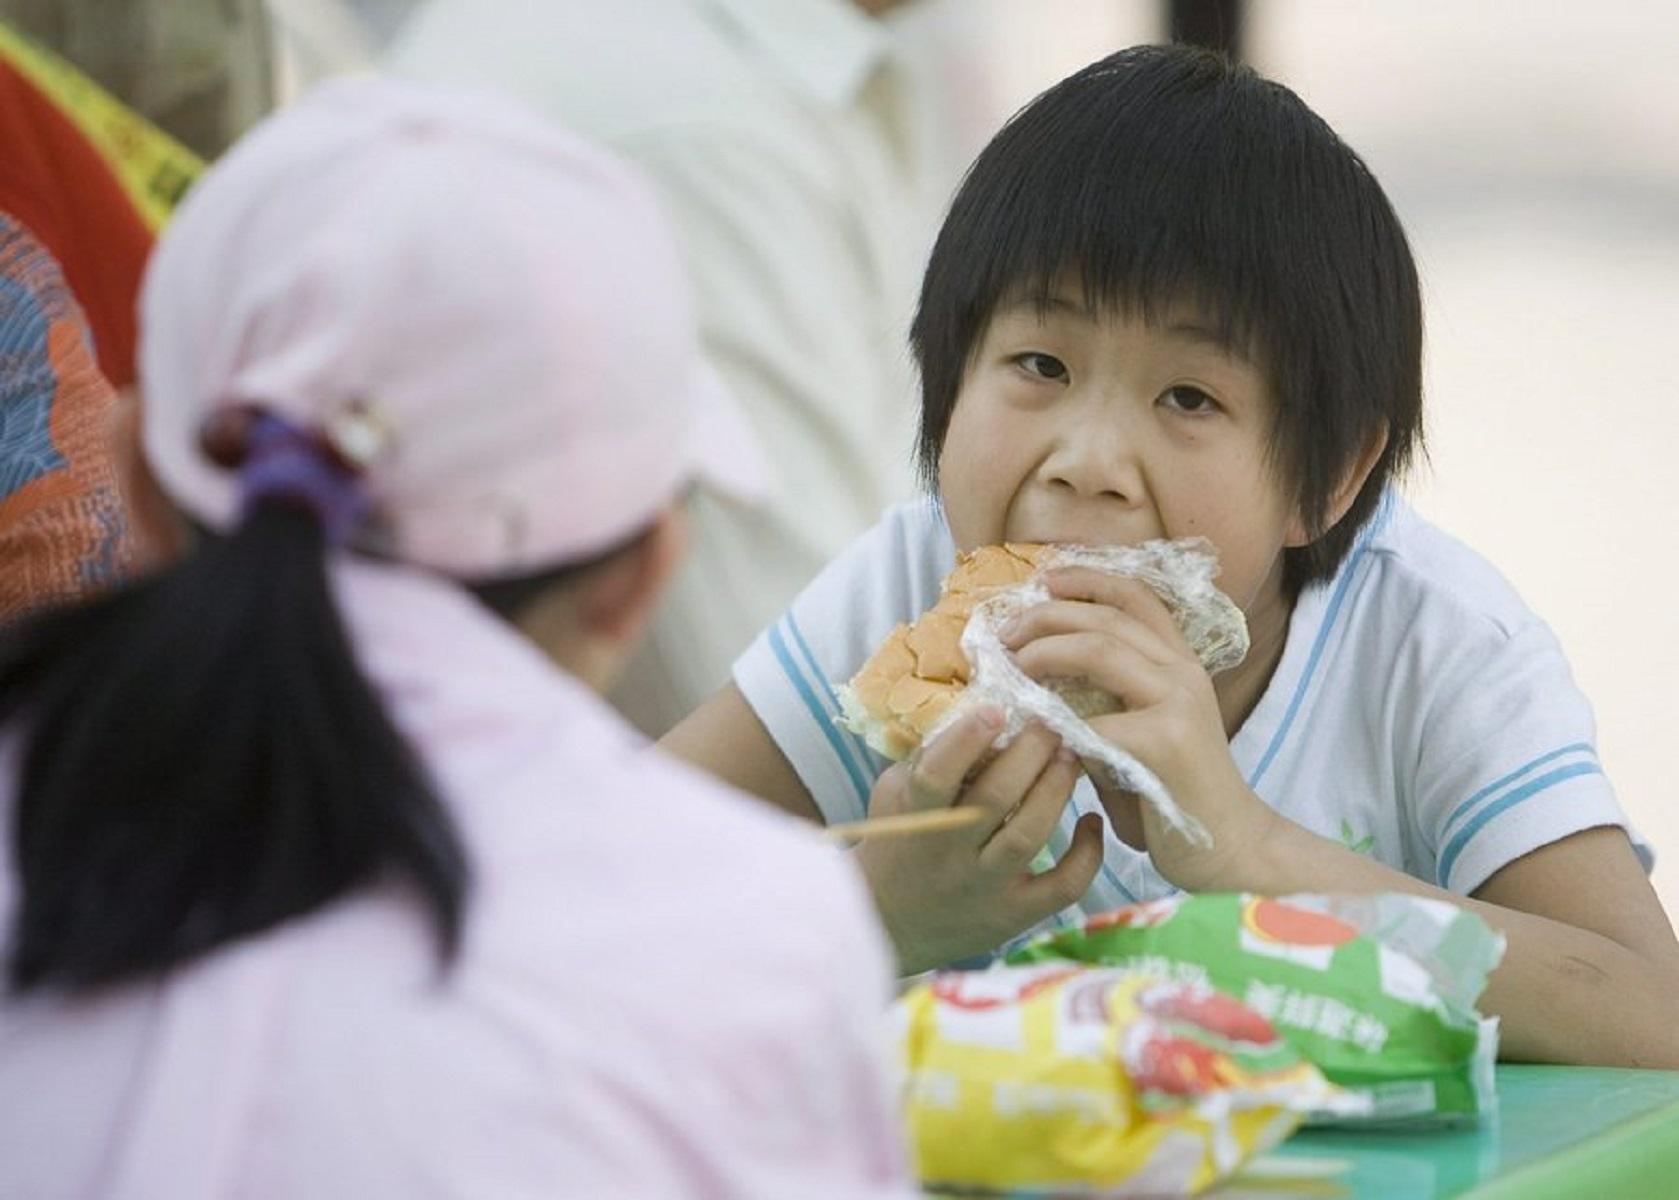 Τα μοναχοπαίδια κινδυνεύουν περισσότερο να γίνουν… παχύσαρκα